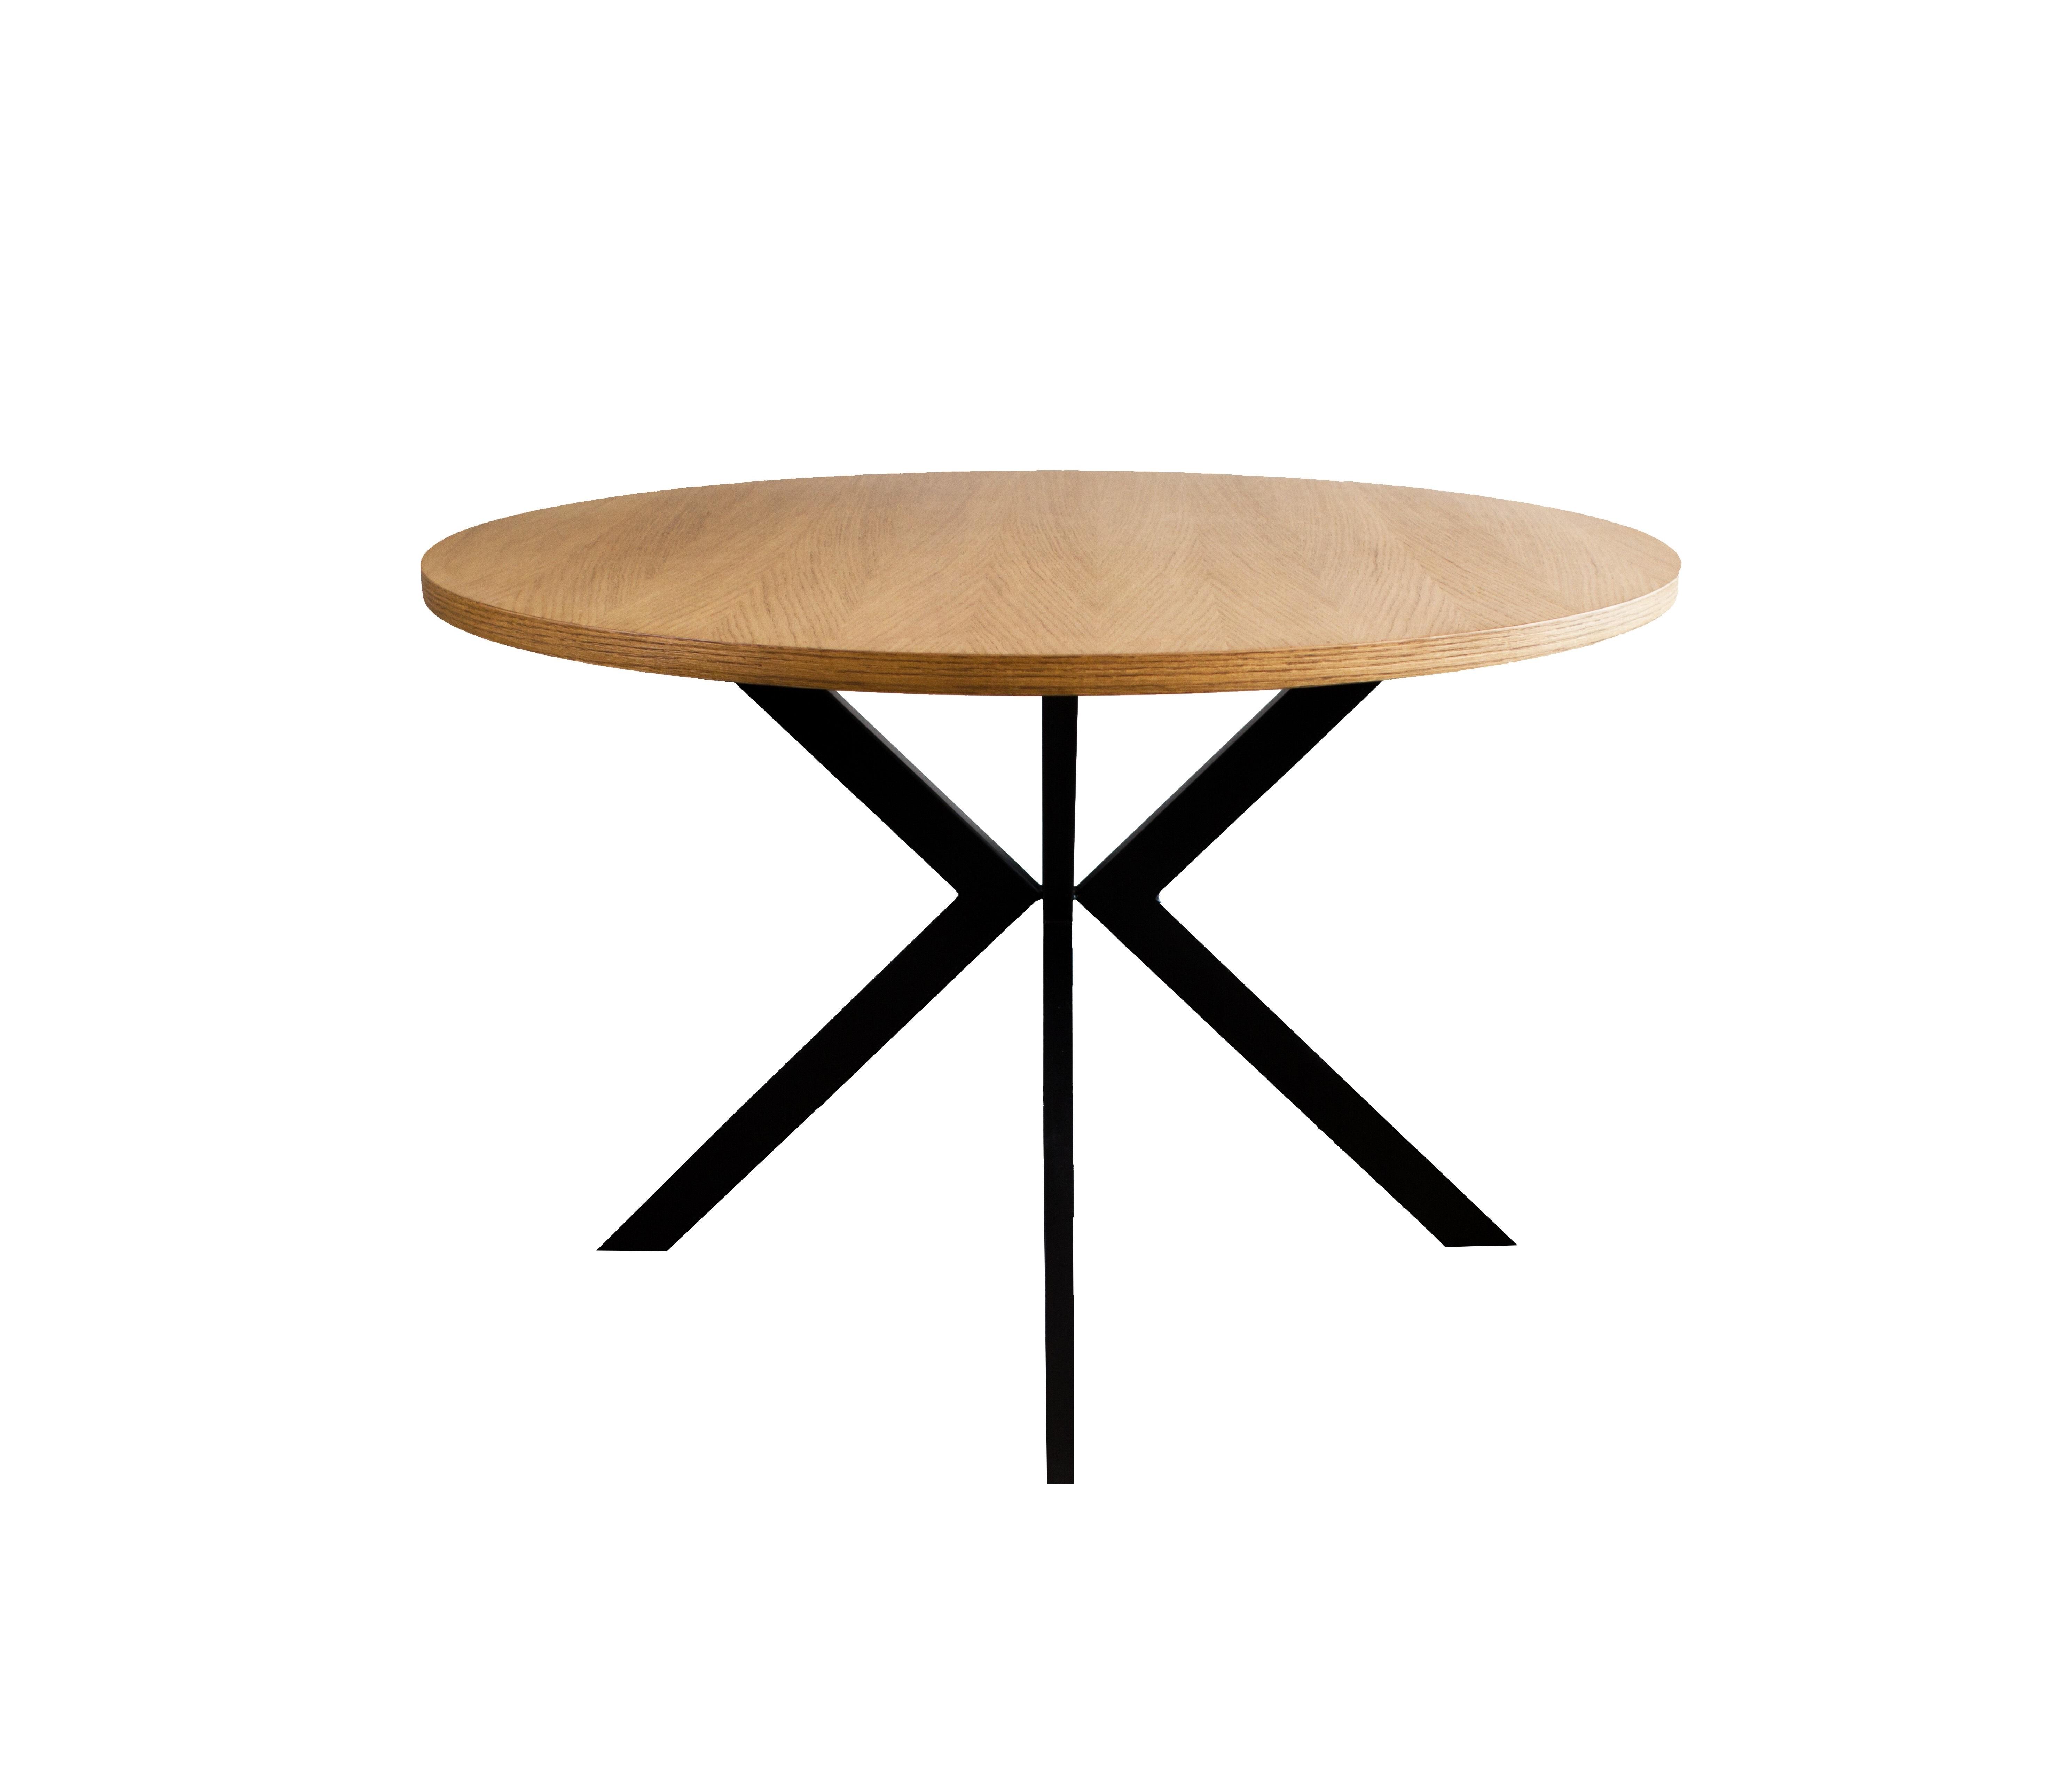 Τραπέζι Ροτόντα Ξύλο Σίδερο